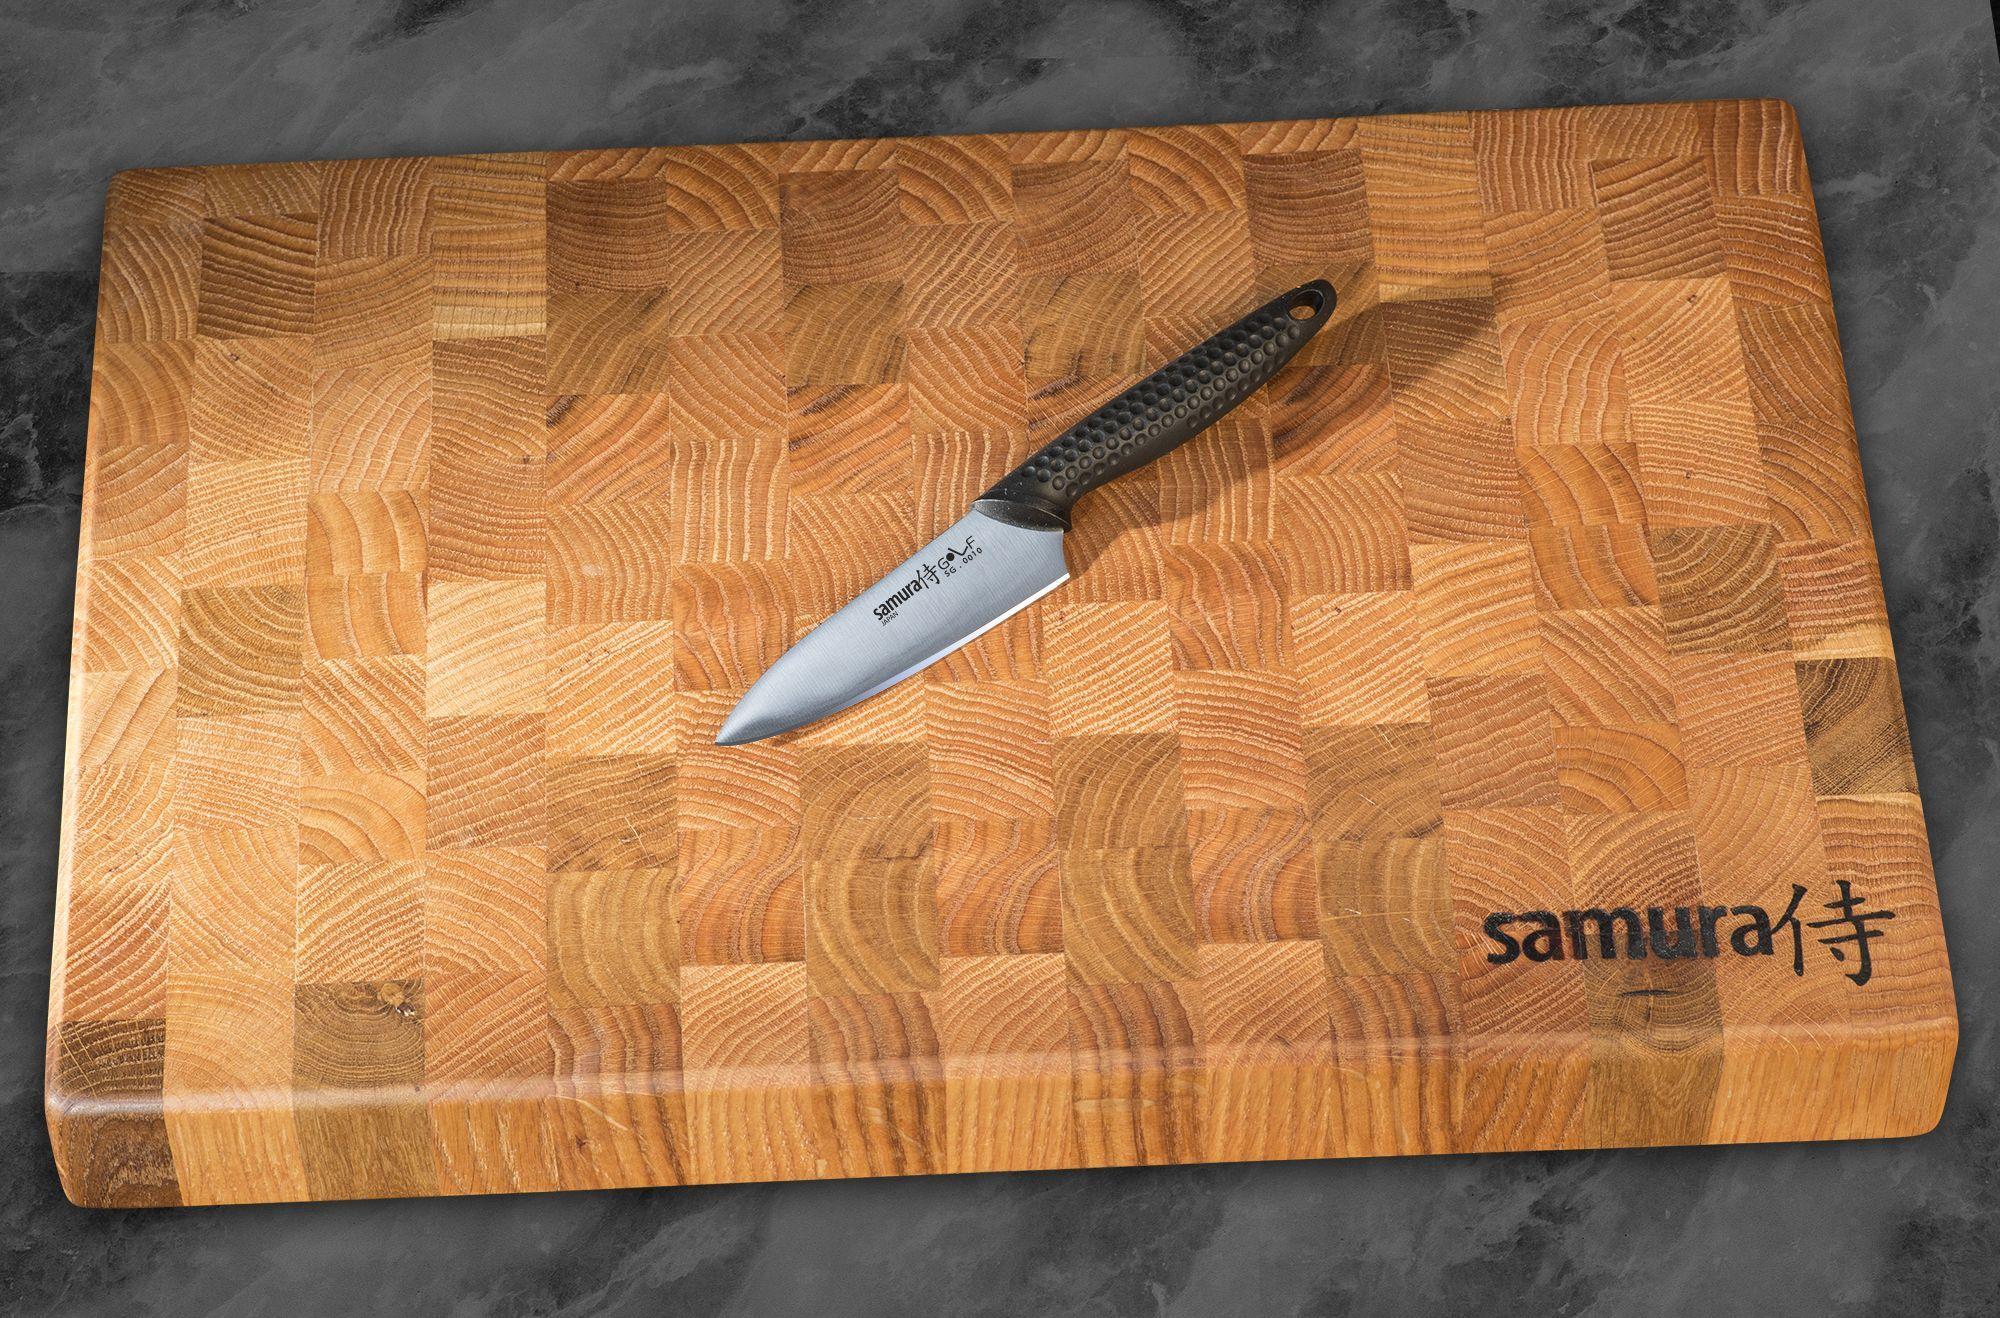 Фото 8 - Нож кухонный овощной Samura GOLF - SG-0010, сталь AUS-8, рукоять полипропилен, 98 мм